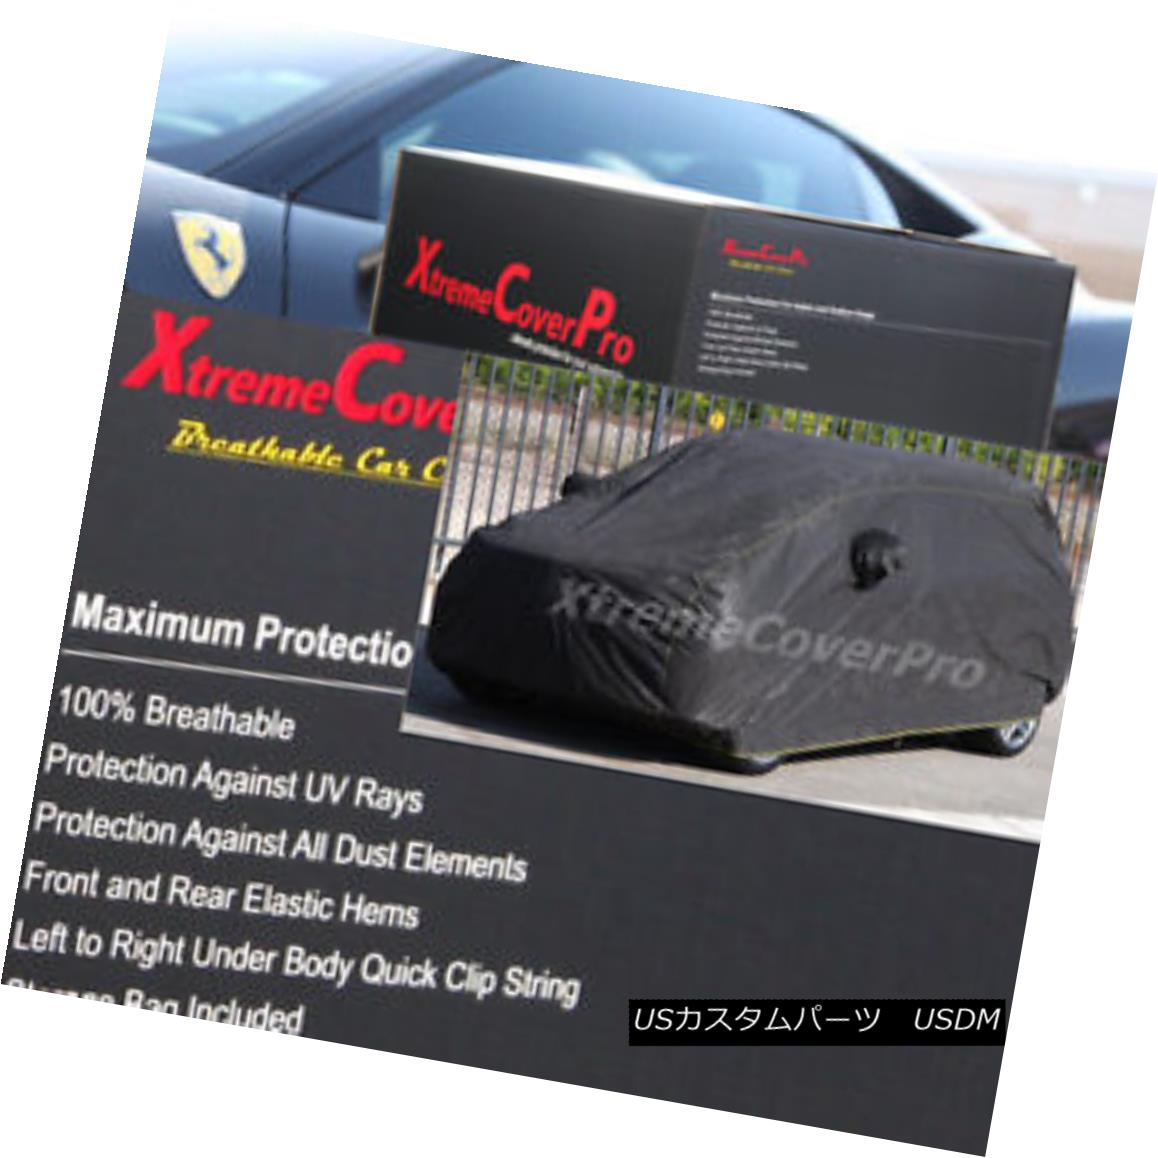 カーカバー 1998 1999 2000 2001 2002 Toyota Land Cruiser Breathable Car Cover w/MirrorPocket 1998年1999年2000年2001年2002年トヨタランドクルーザー通気性車カバー付きMirrorPocket